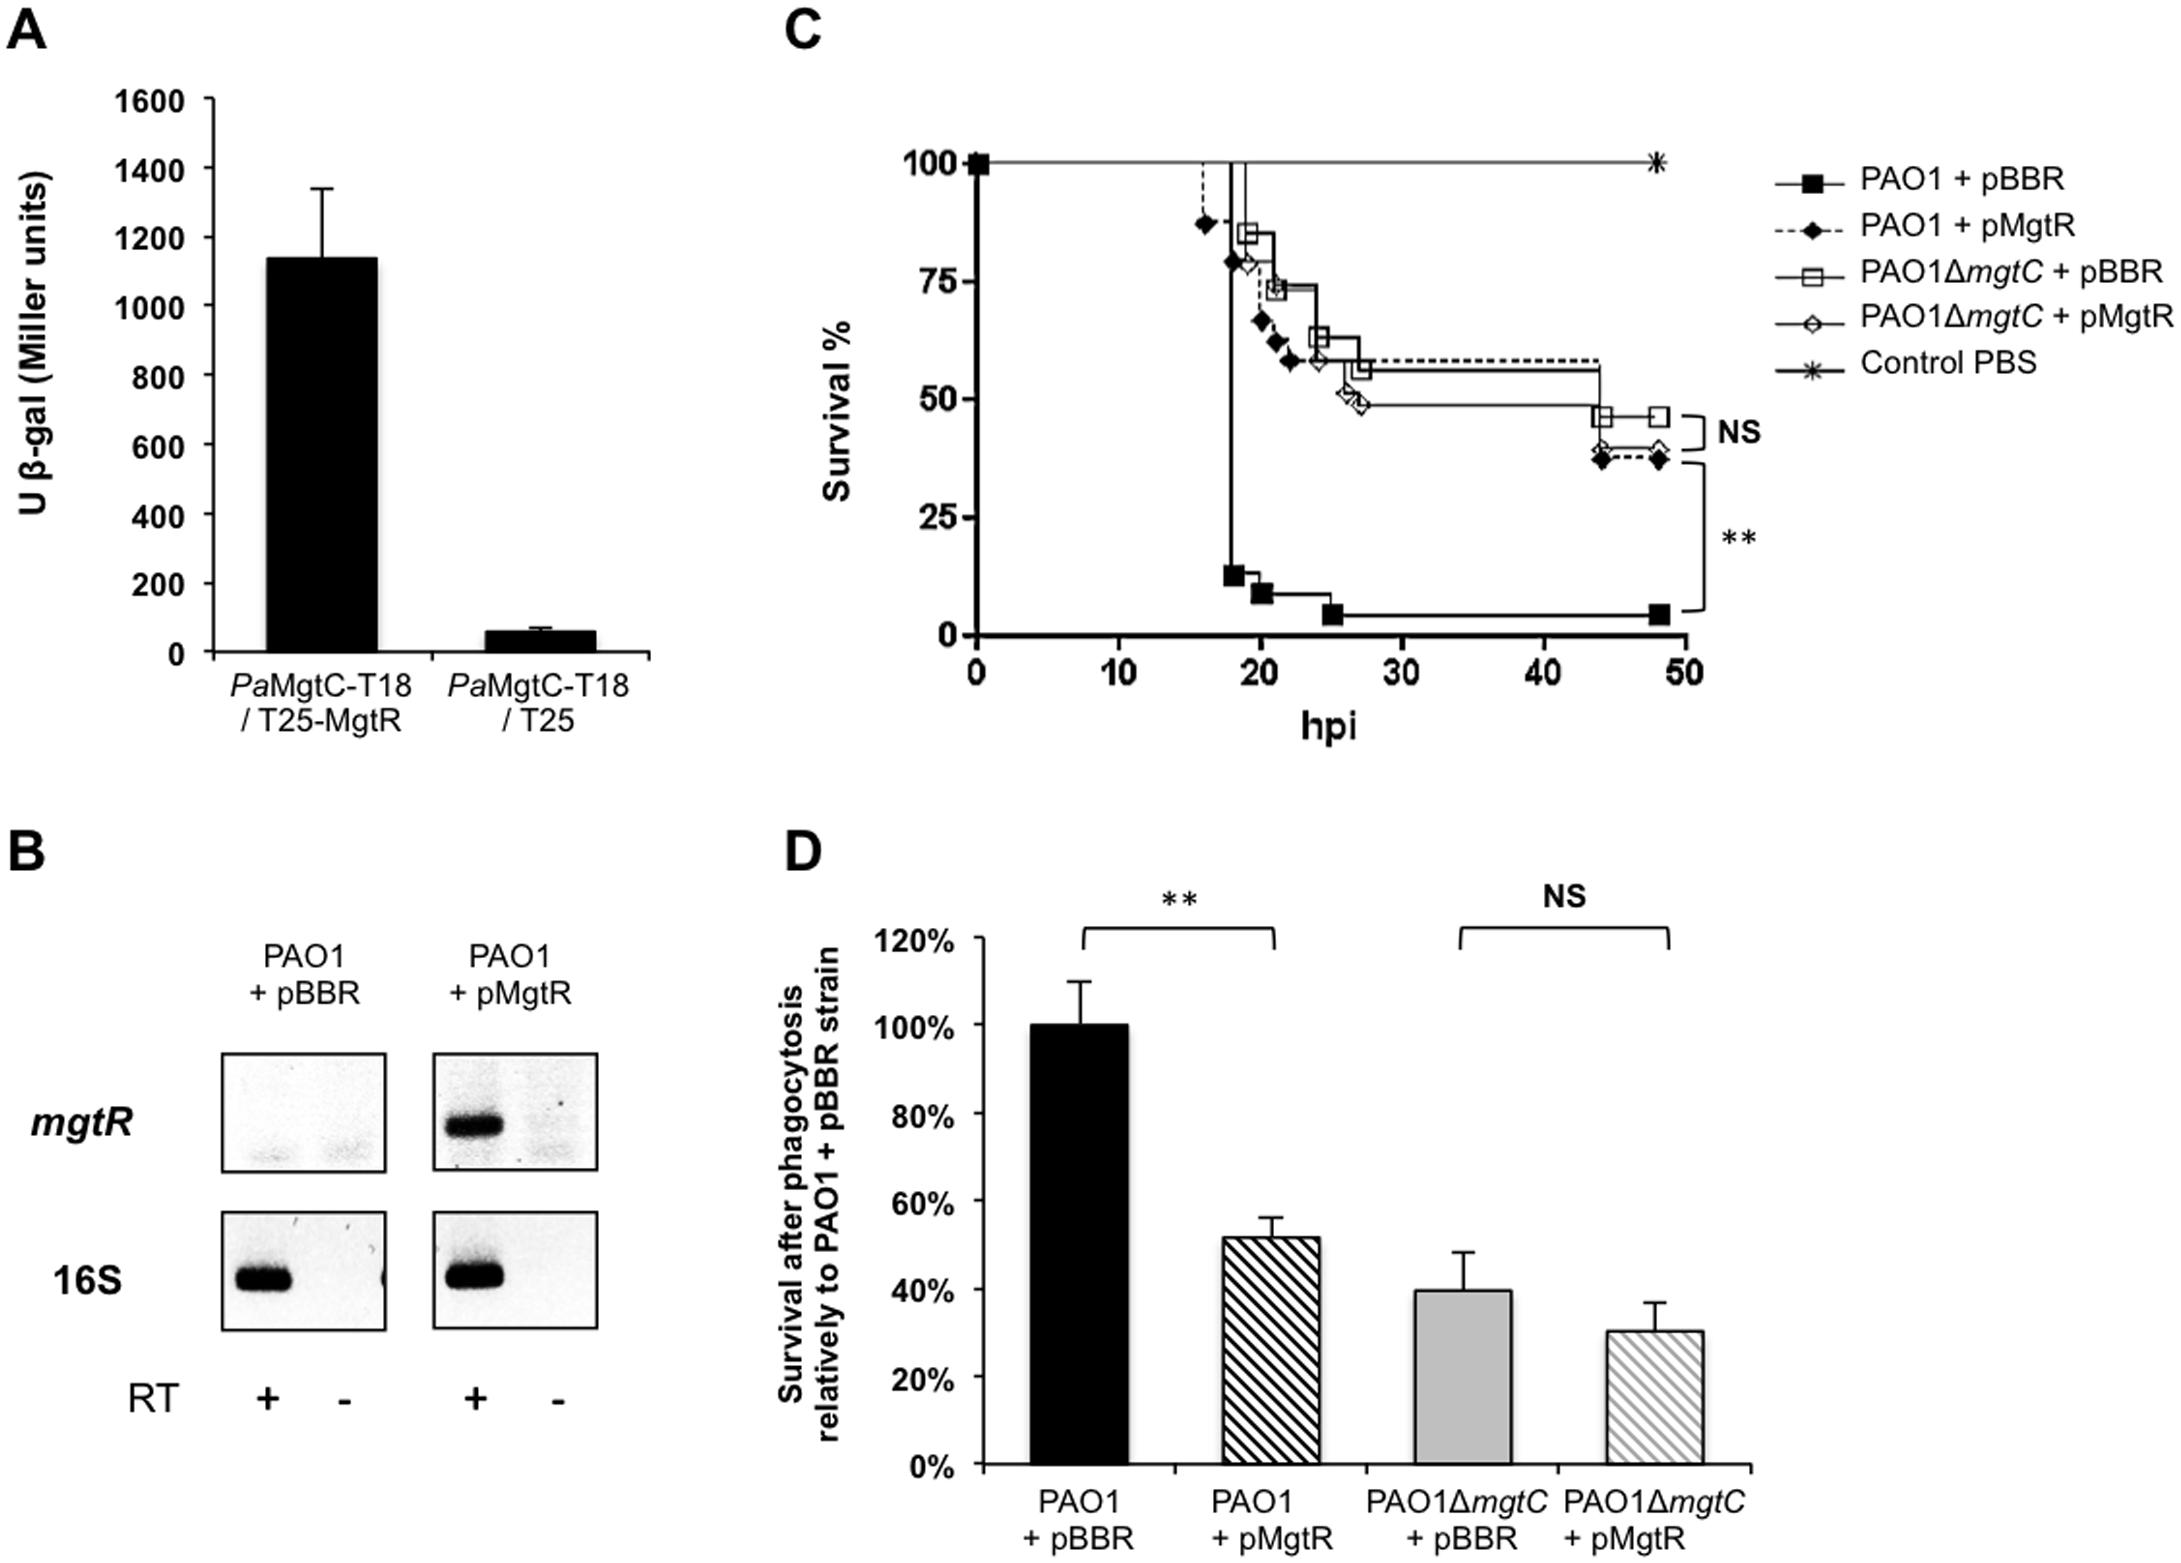 Virulence phenotypes of a PAO1 strain expressing <i>mgtR</i>.